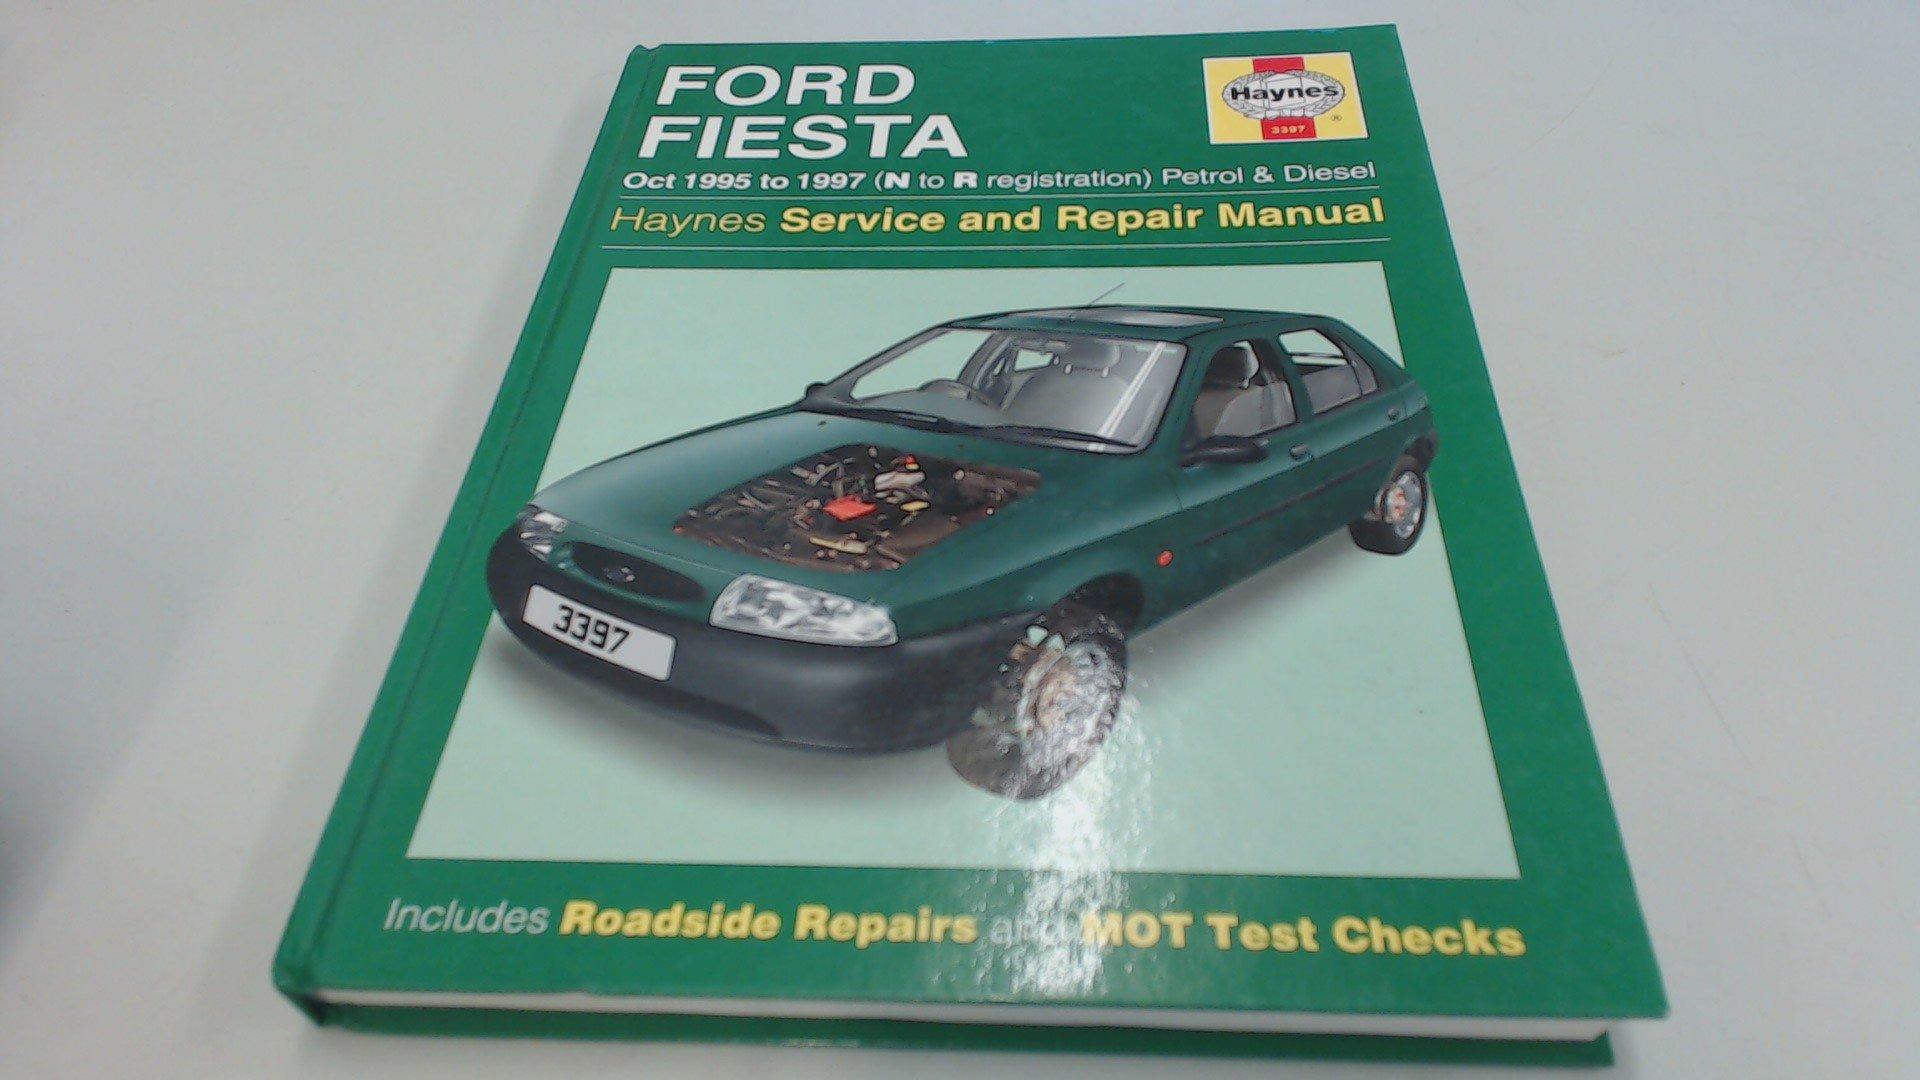 Ford fiesta 95 97 service and repair manual haynes service and repair manuals amazon co uk a k legg steve rendle 9781859603970 books